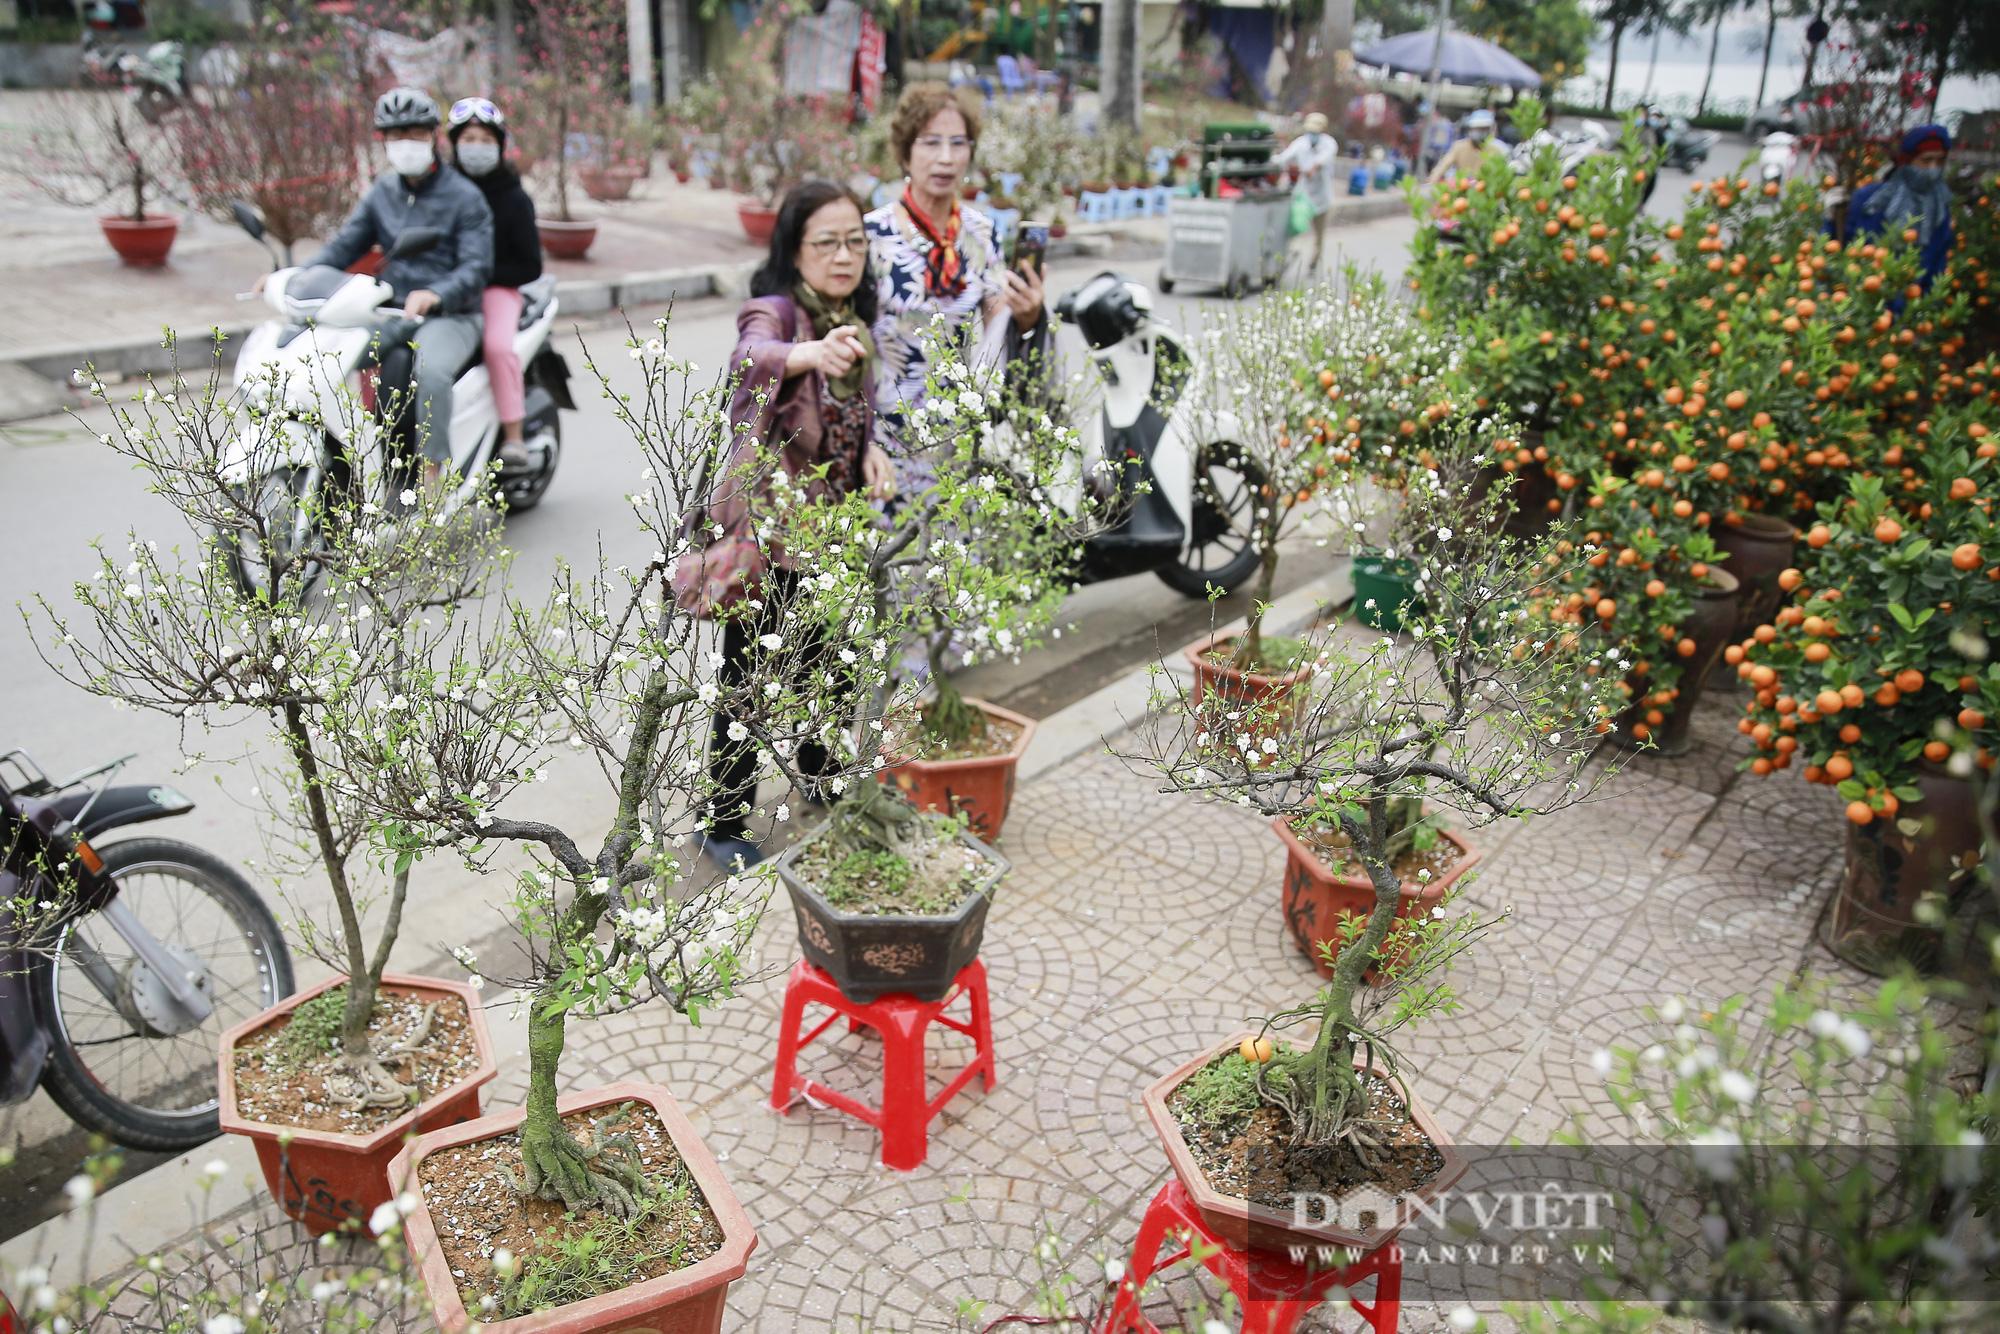 """Loài cây quý hiếm để trong nhà là """"sang"""" hút khách dịp Tết Nguyên đán - Ảnh 2."""